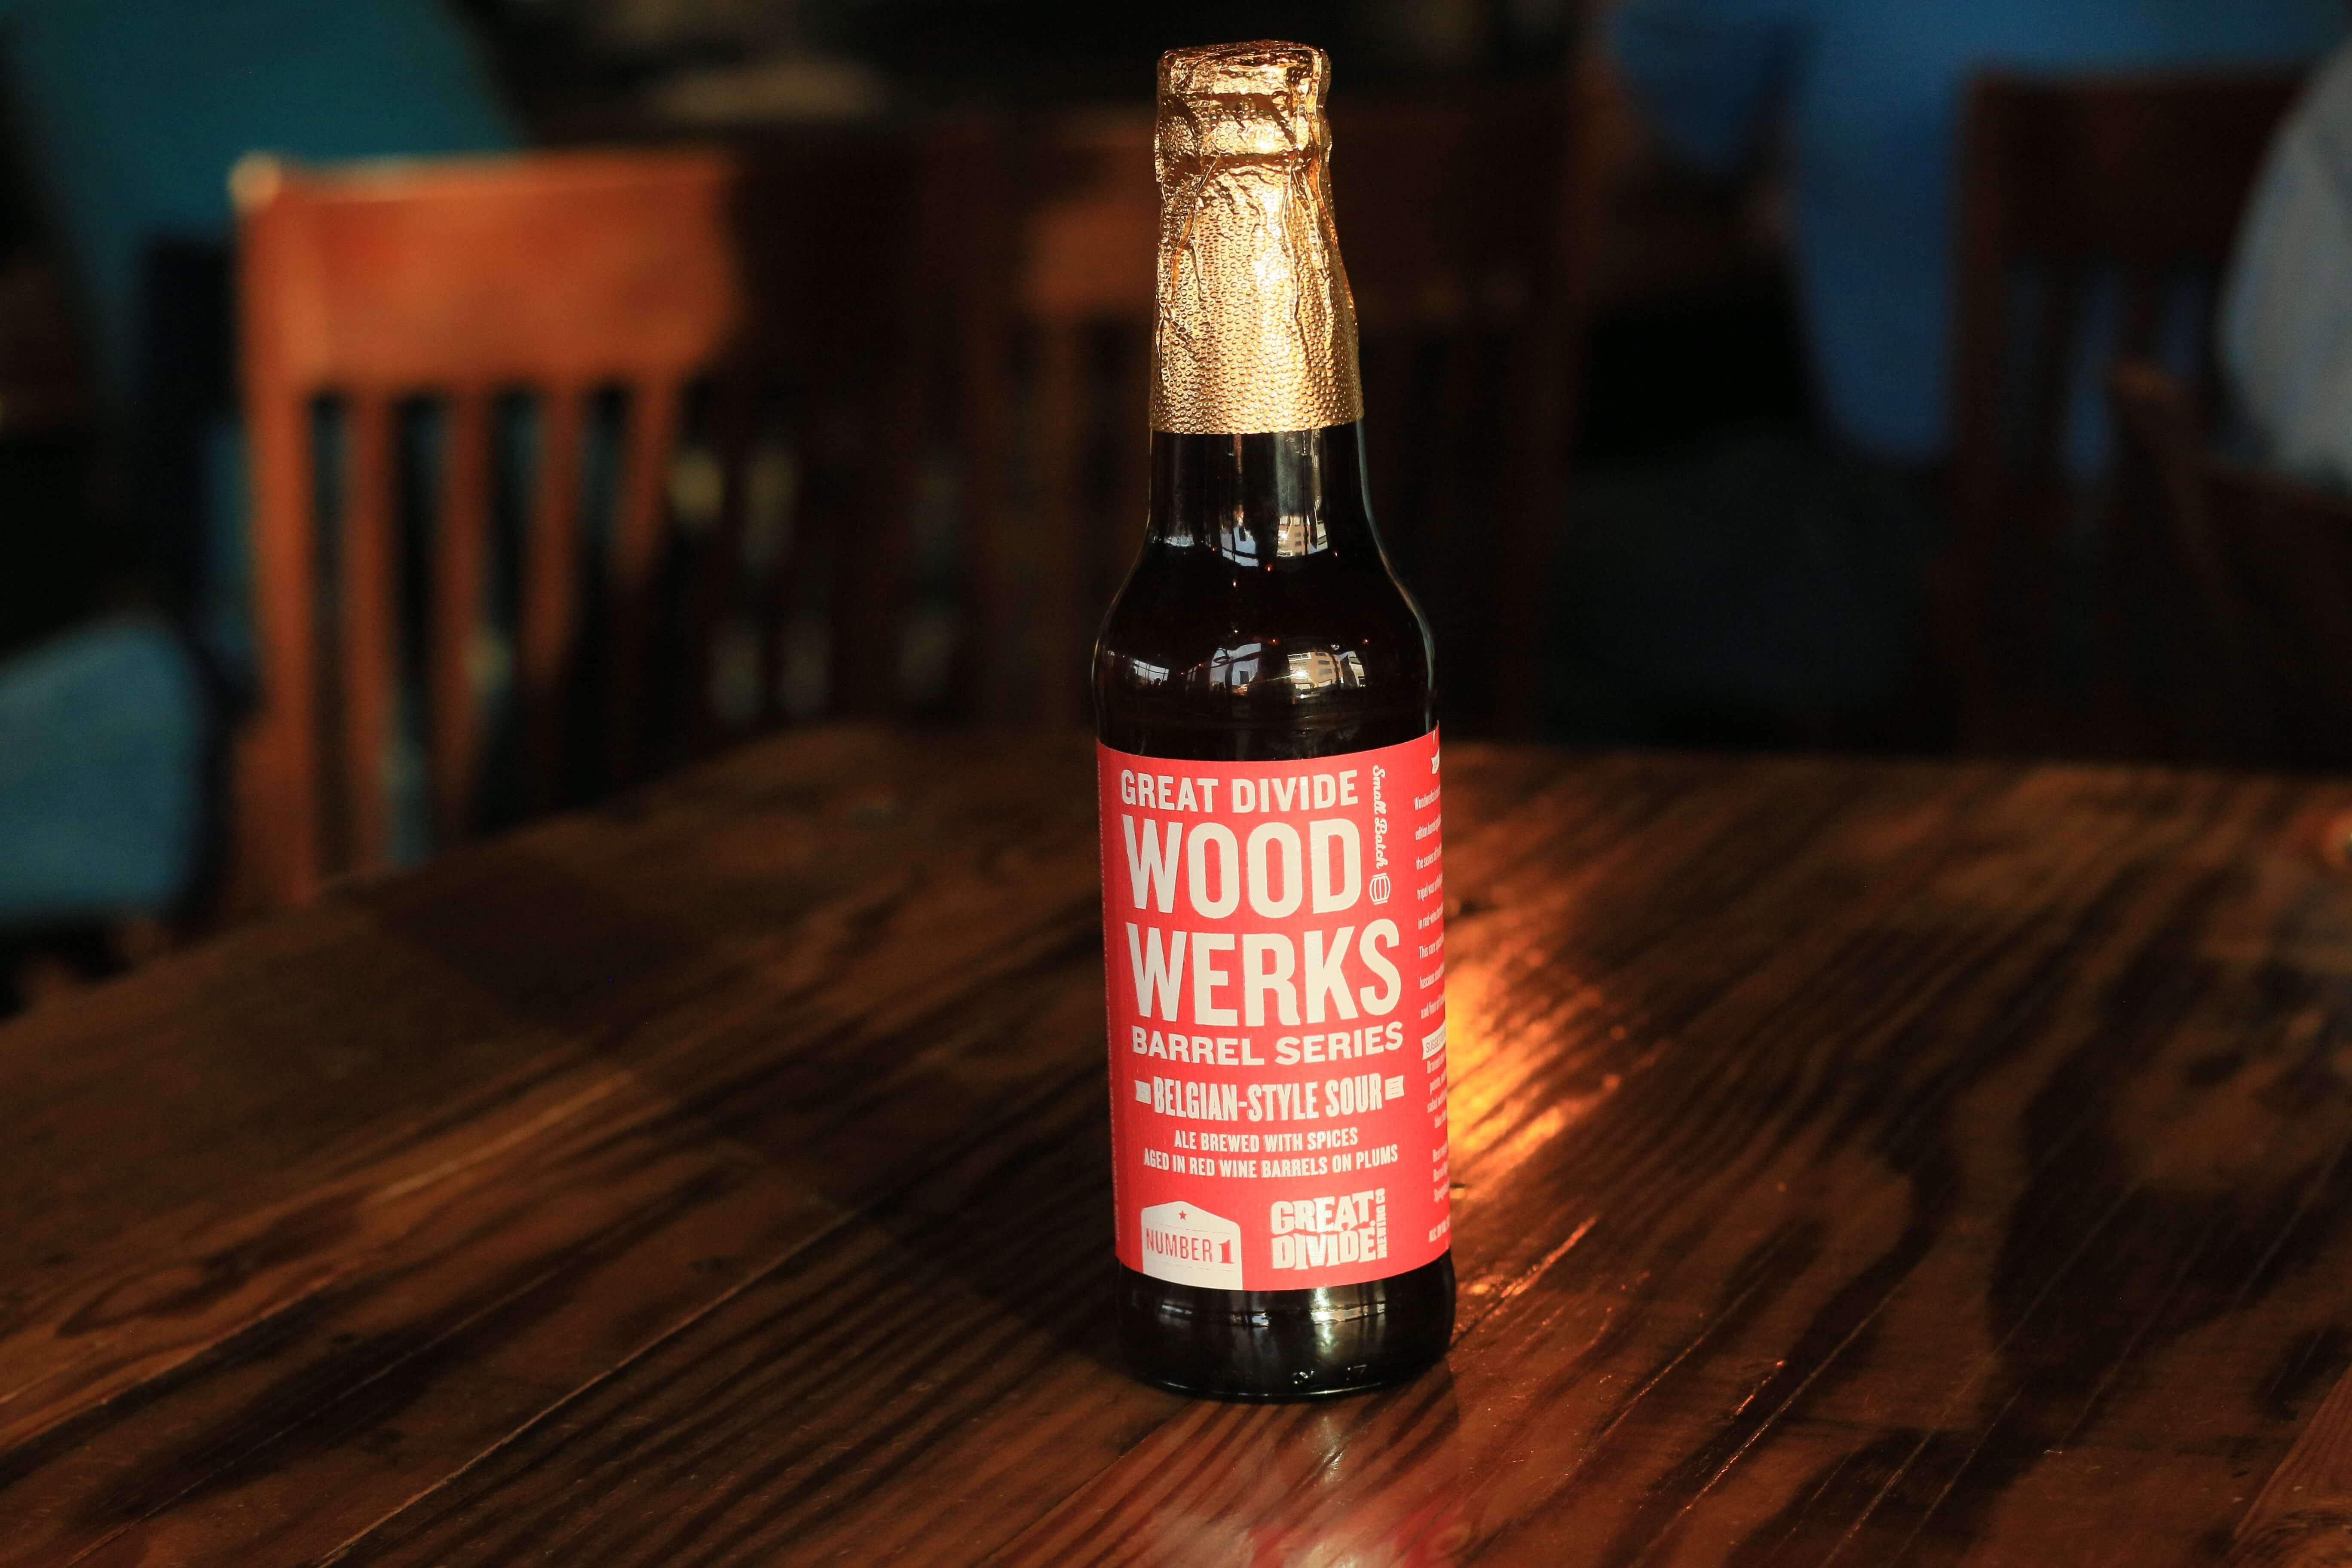 Wood Werks